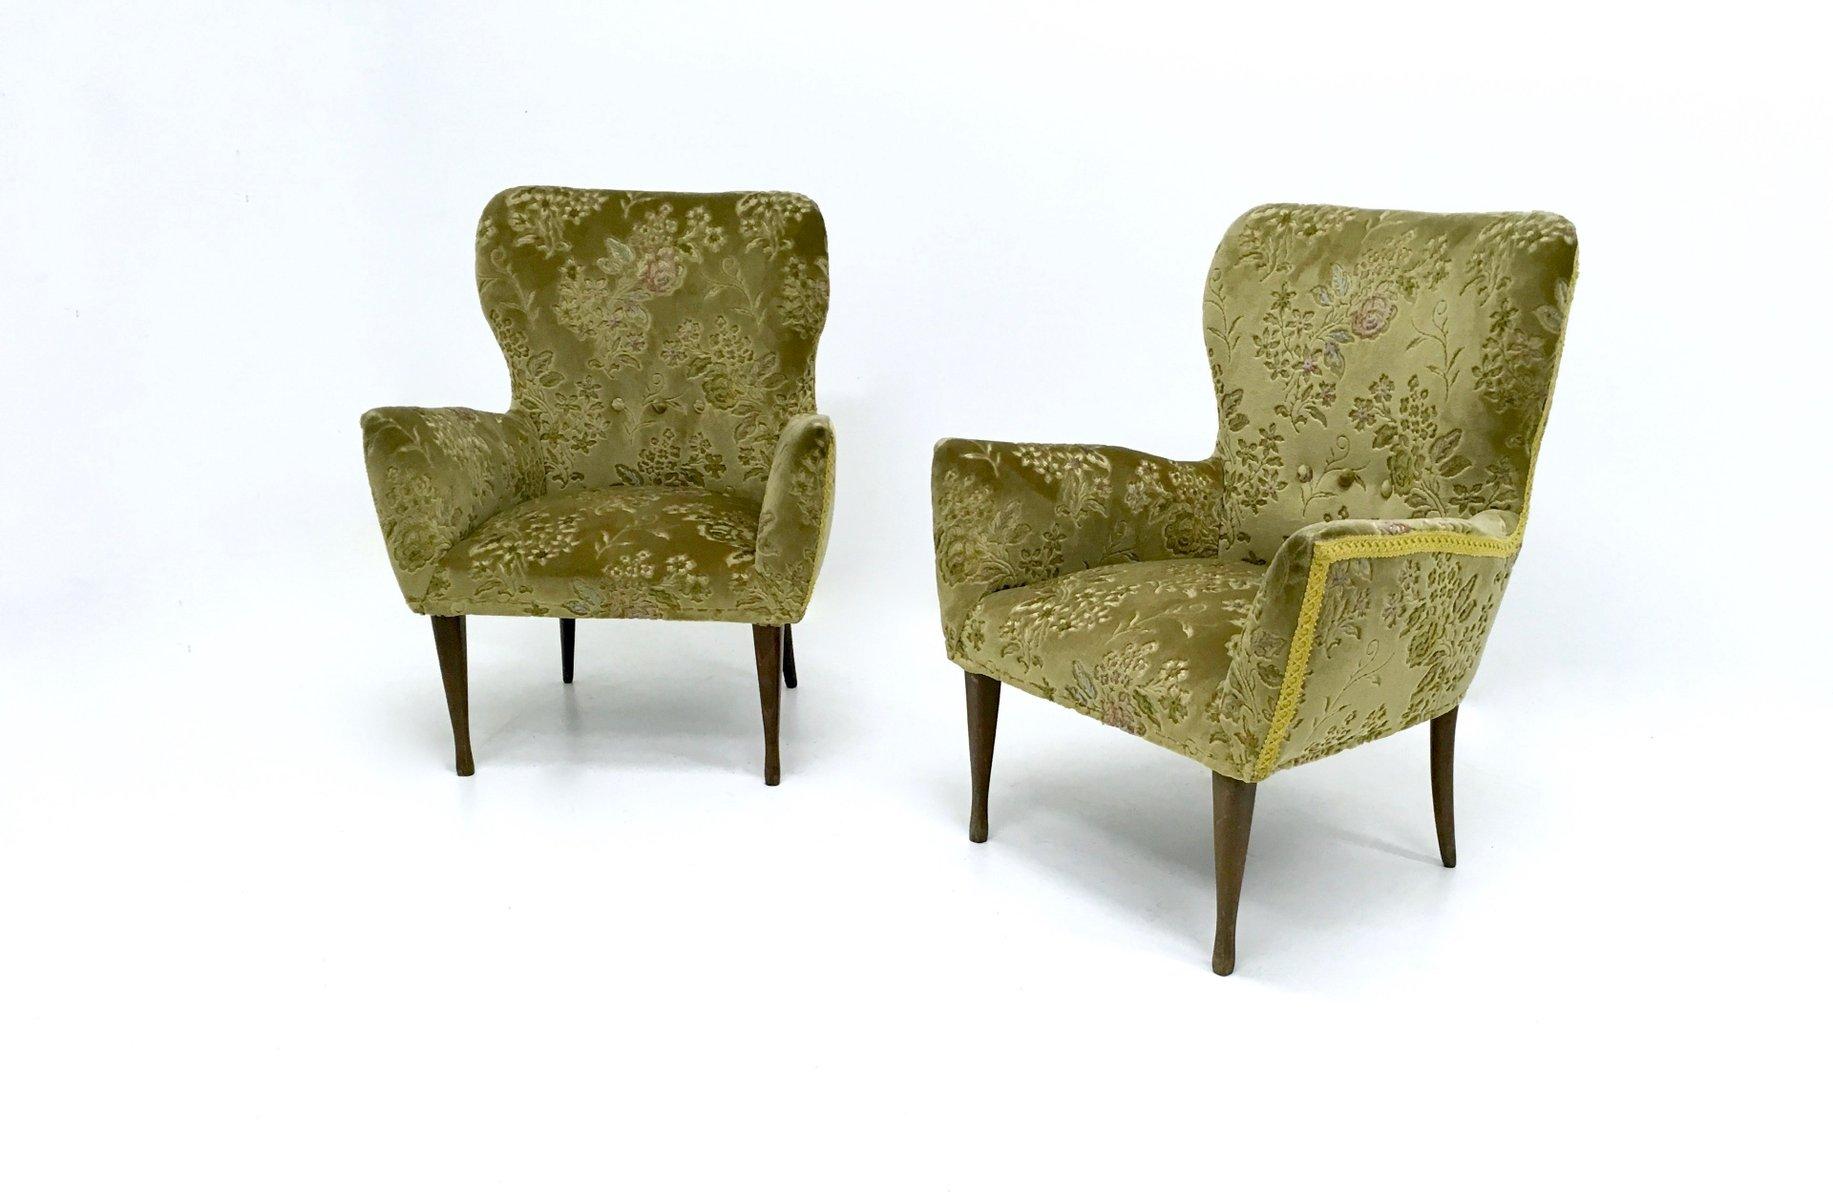 Poltrone vintage in velluto verde italia anni 39 50 set di 2 in vendita su pamono - Poltrone vintage design ...